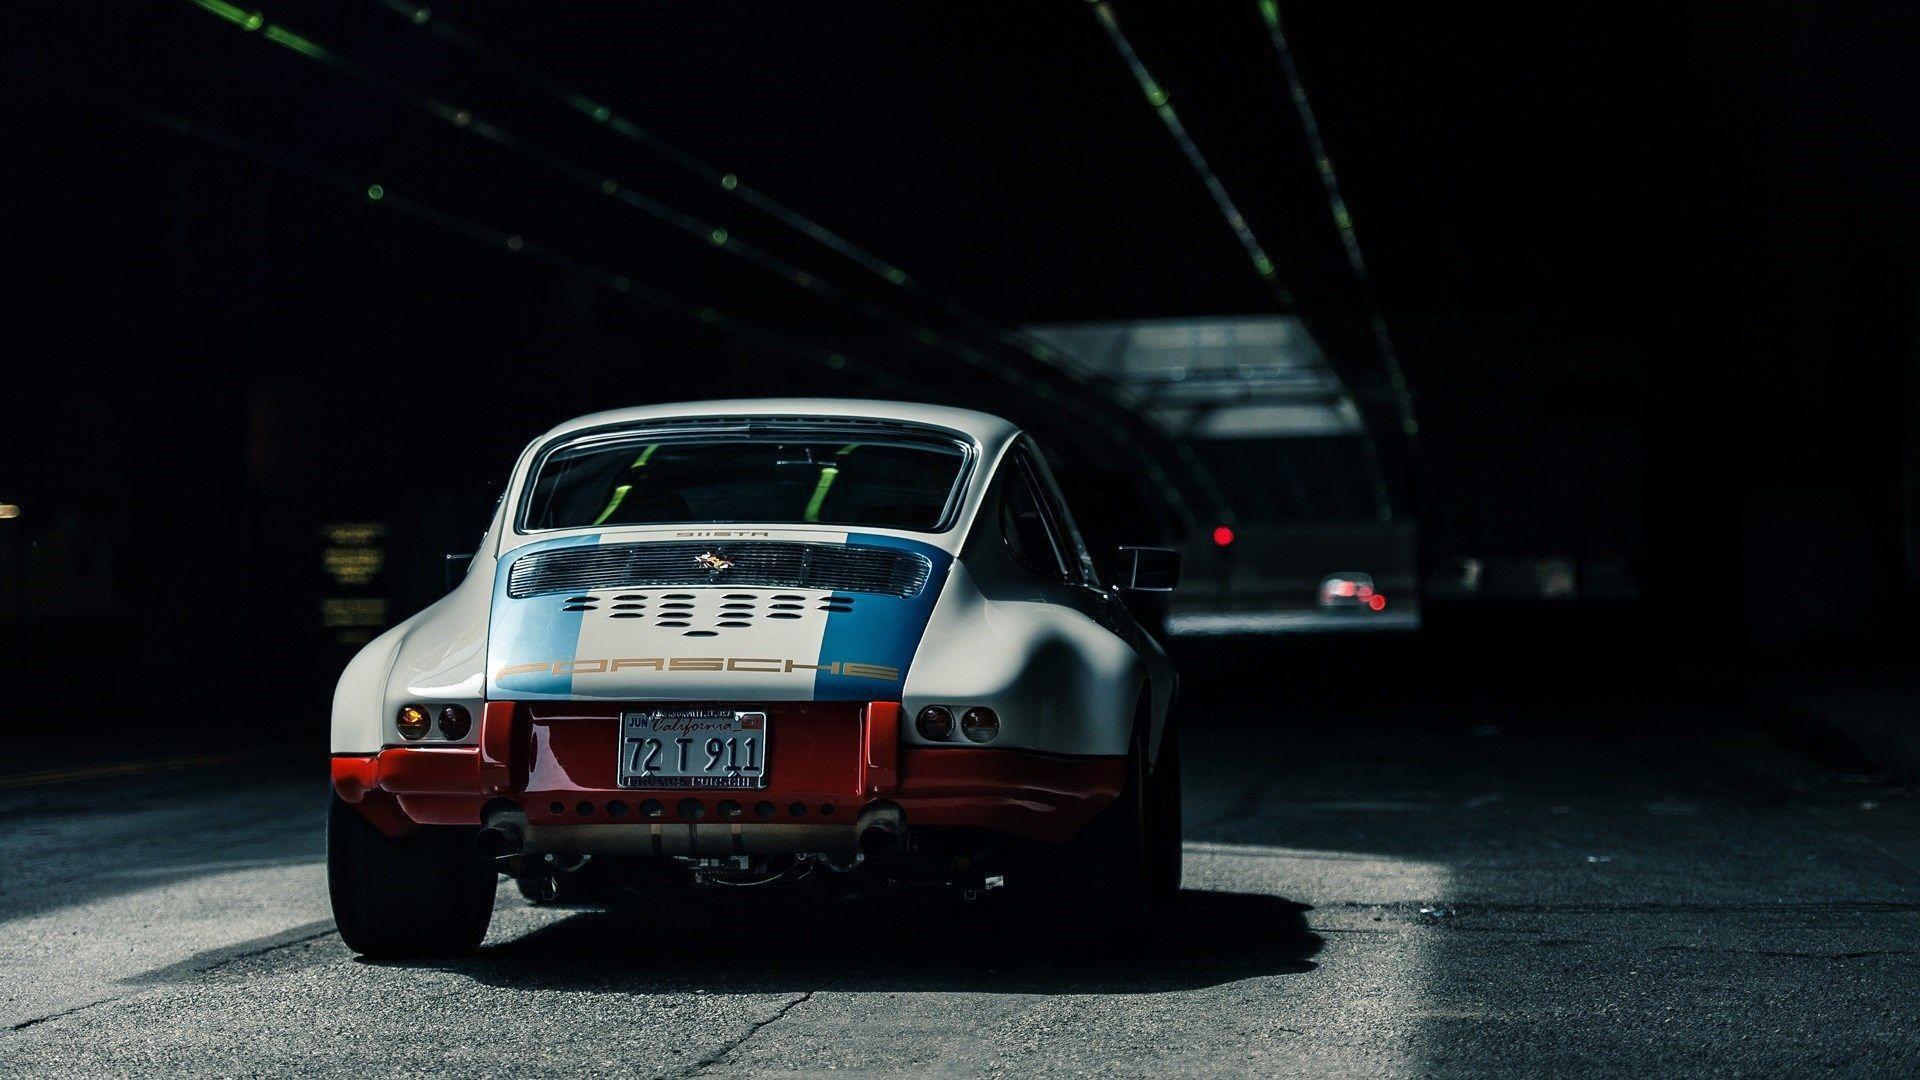 Classic Porsche 911 Wallpapers   Top Classic Porsche 911 1920x1080